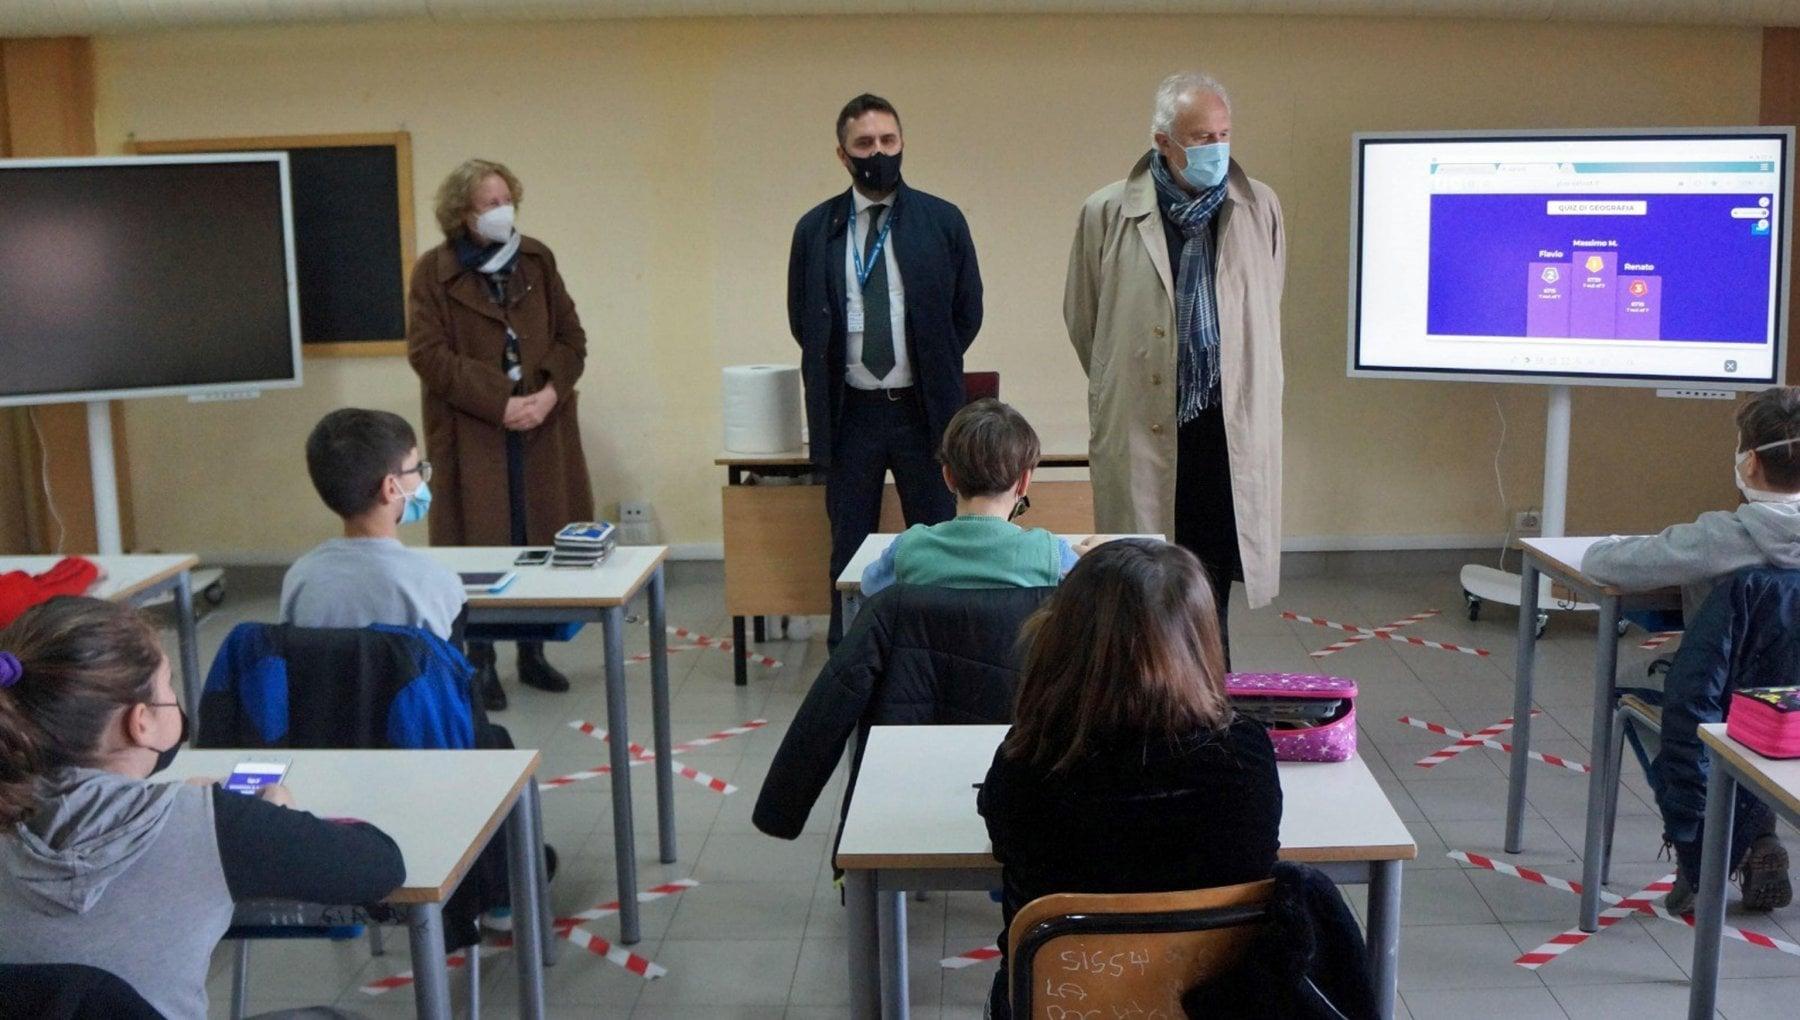 155150533 cae87a39 8721 4f58 9836 af9c5b9f46a0 - Scuola, riparte il concorso per l'immissione in ruolo dei docenti che abbiano insegnato almeno tre anni